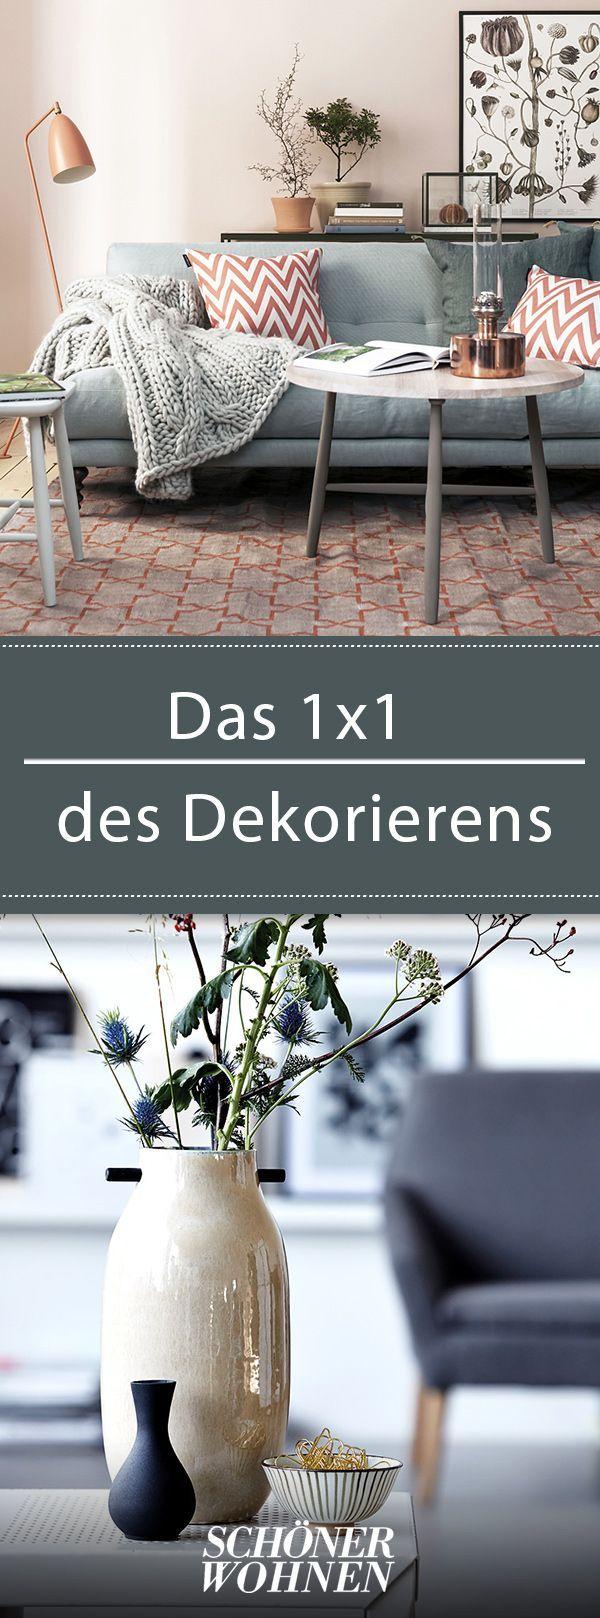 das 1x1 des dekorierens farbwelt der einrichtung betonen einrichten wohnen pinterest. Black Bedroom Furniture Sets. Home Design Ideas